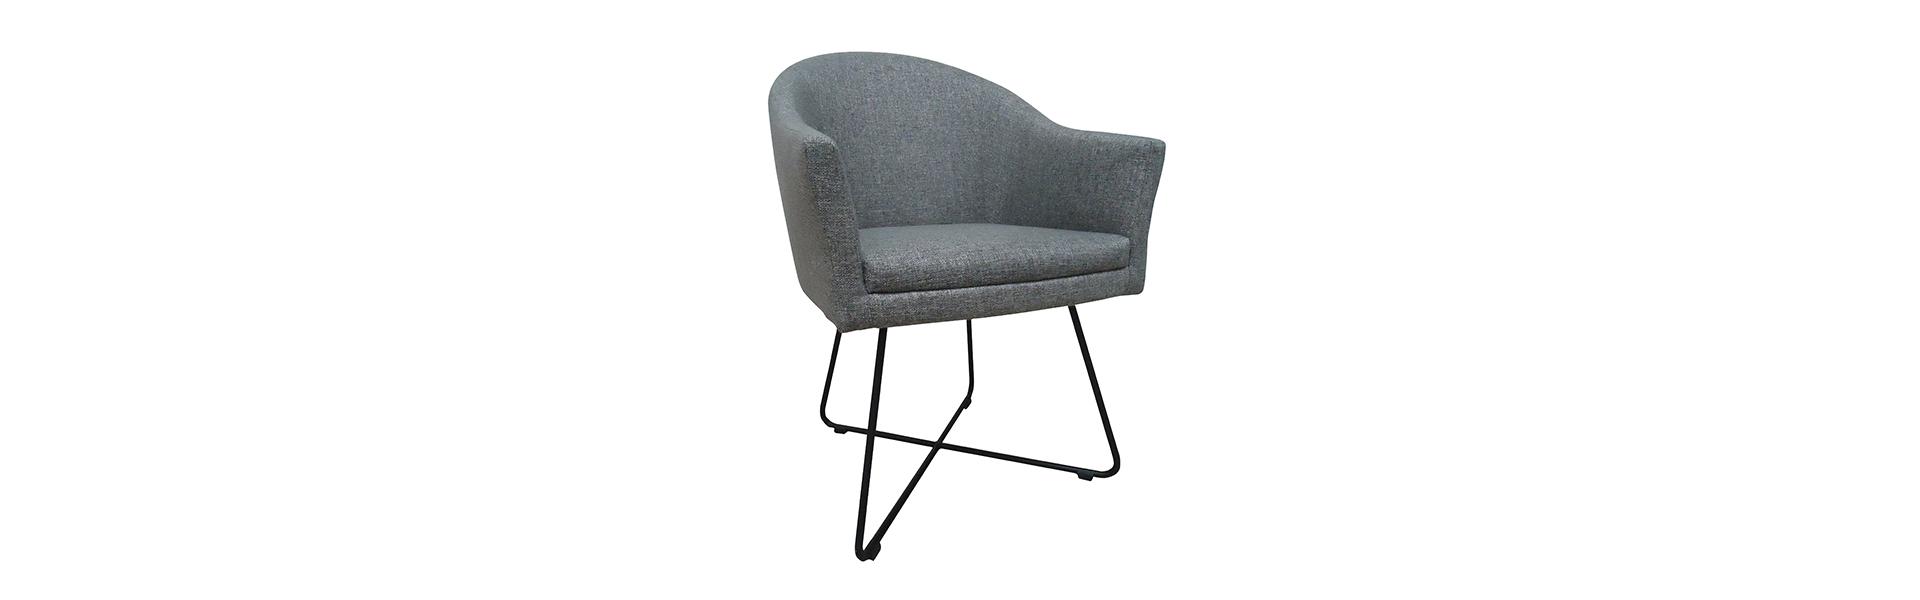 ohsofa-produkt-krzeslo-klose-s81-himg